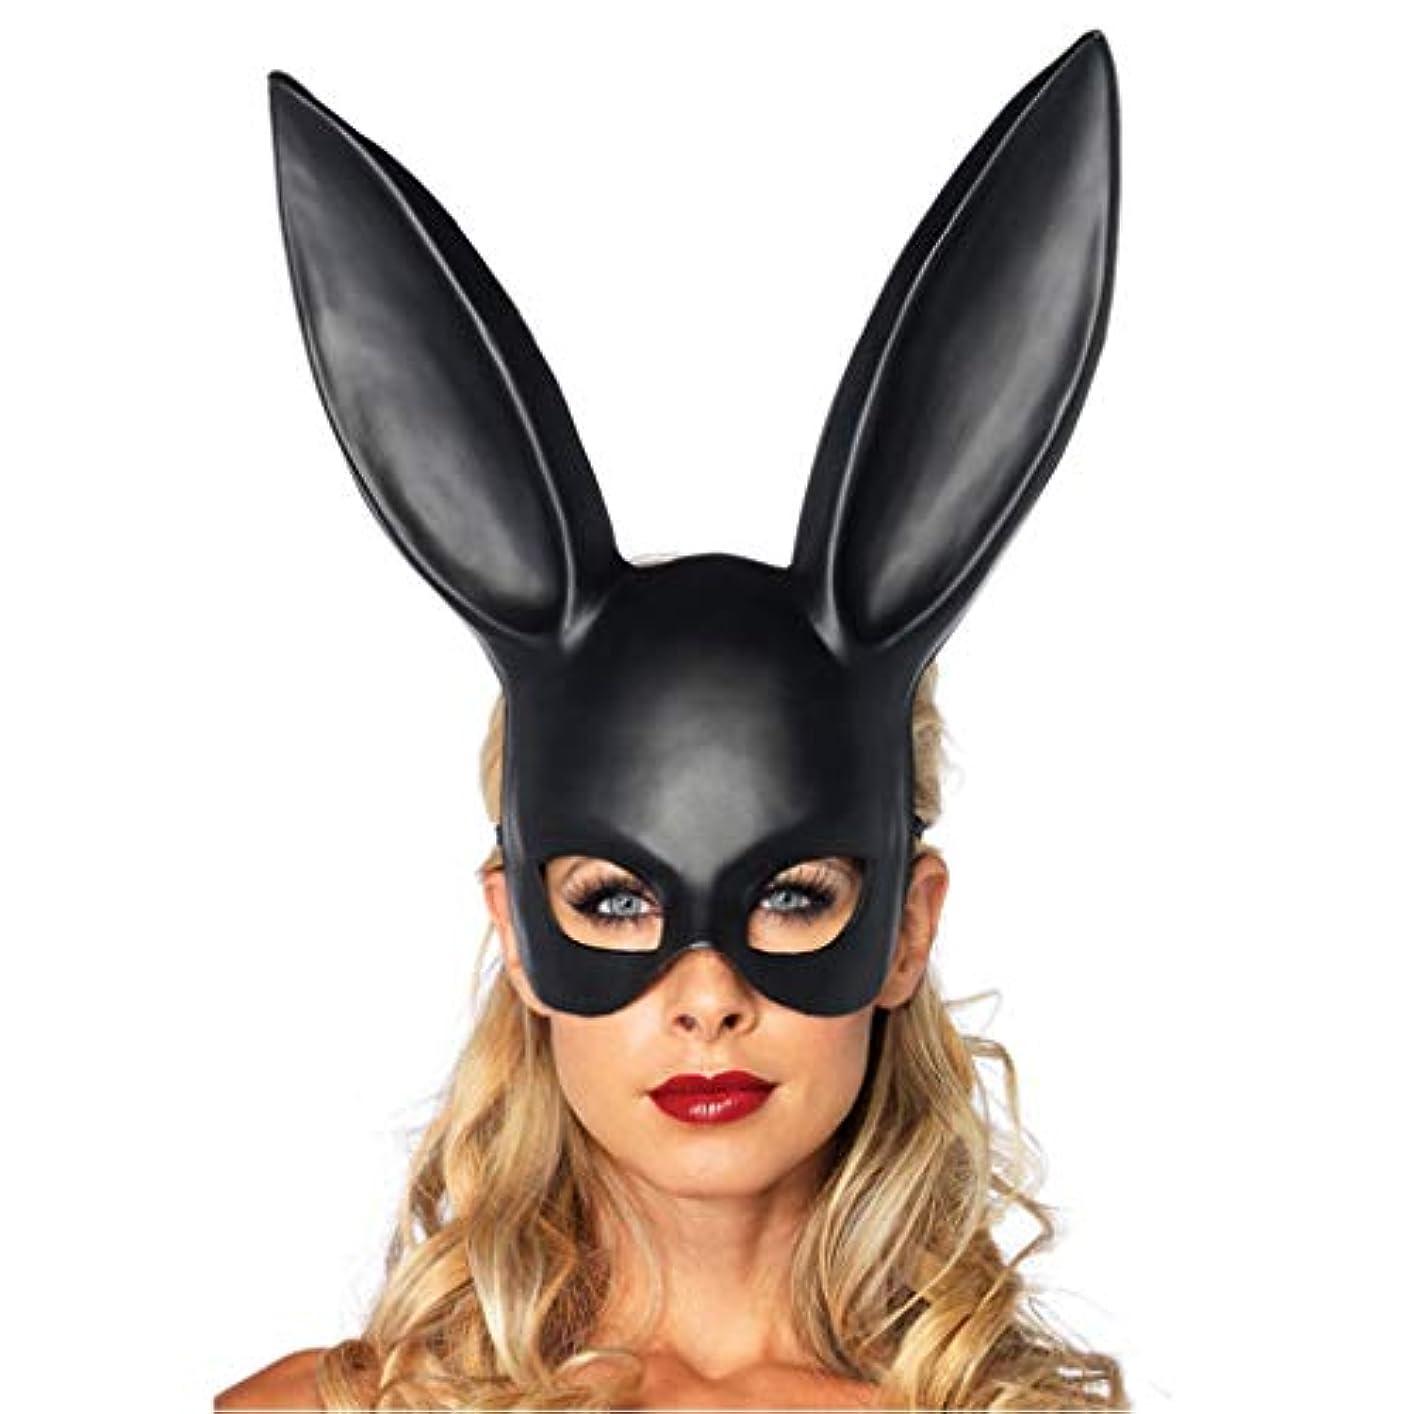 口述するバレーボール補うハロウィーン仮装イヤーマスクバーKTVパーティーマスクかわいいウサギのマスク (Color : B)